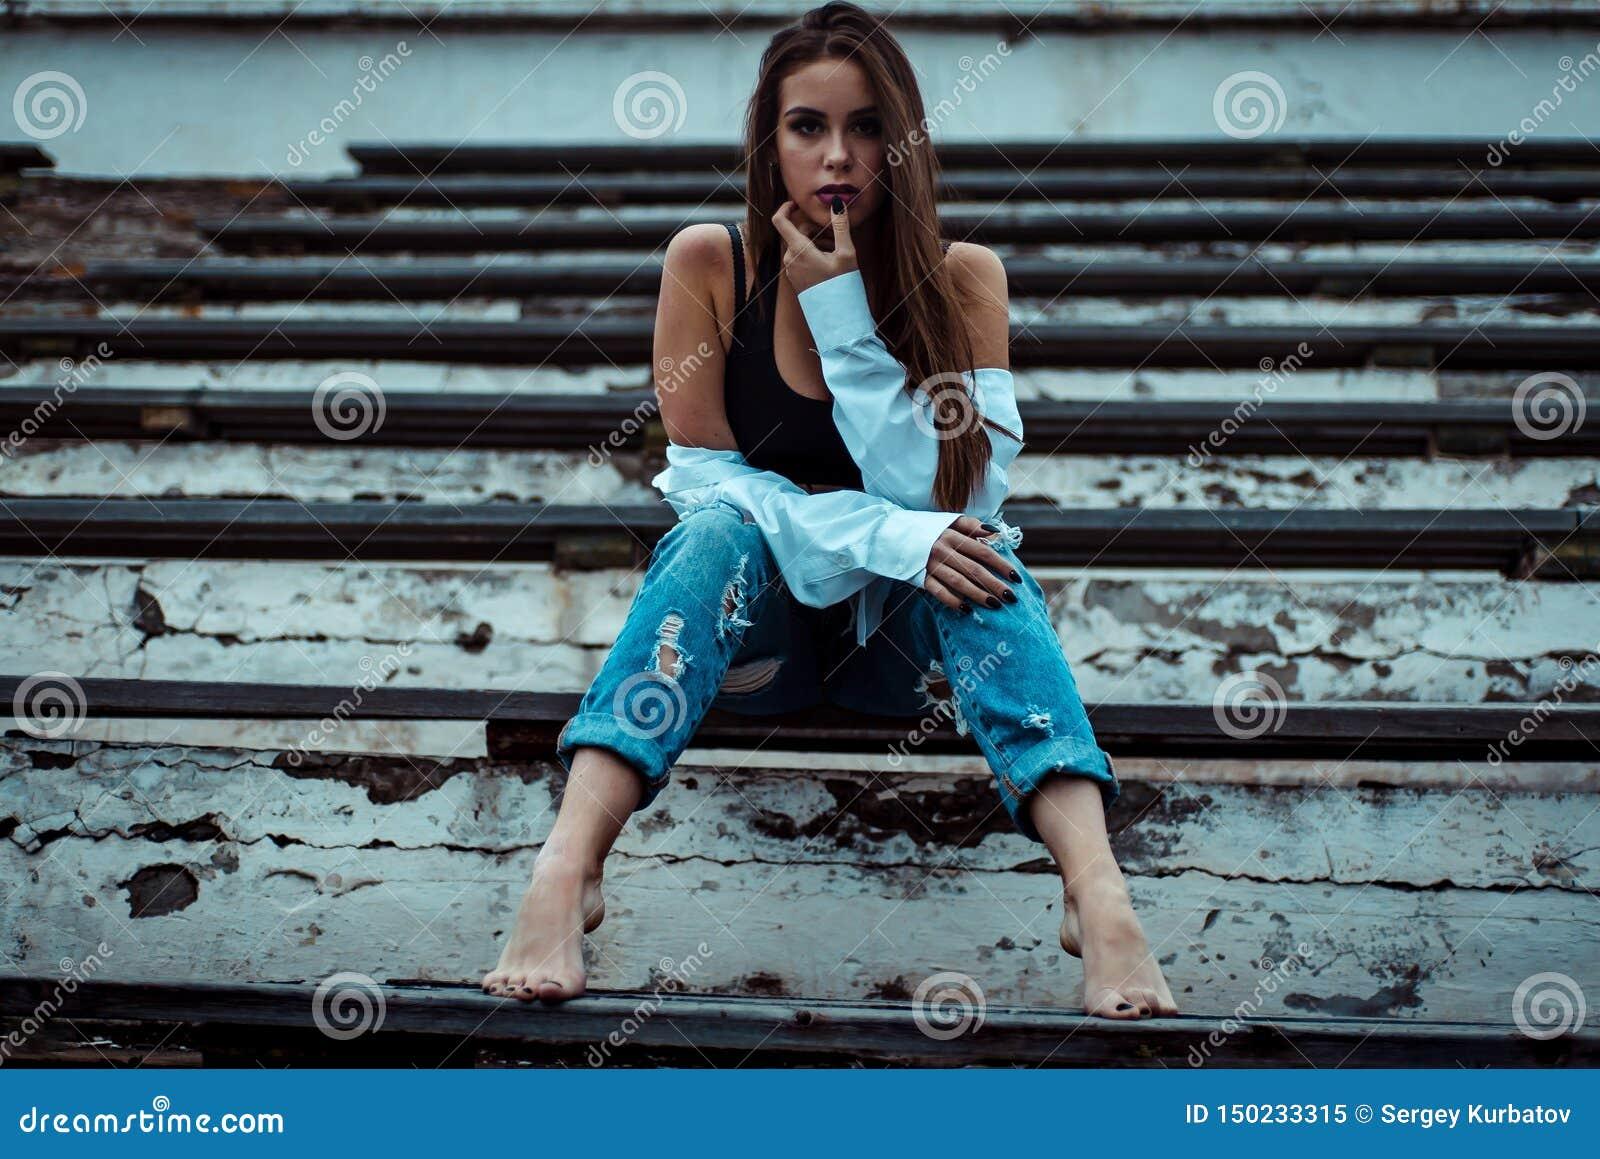 Συνεδρίαση γυναικών που ονειρεύεται και που χαλαρώνει r o r